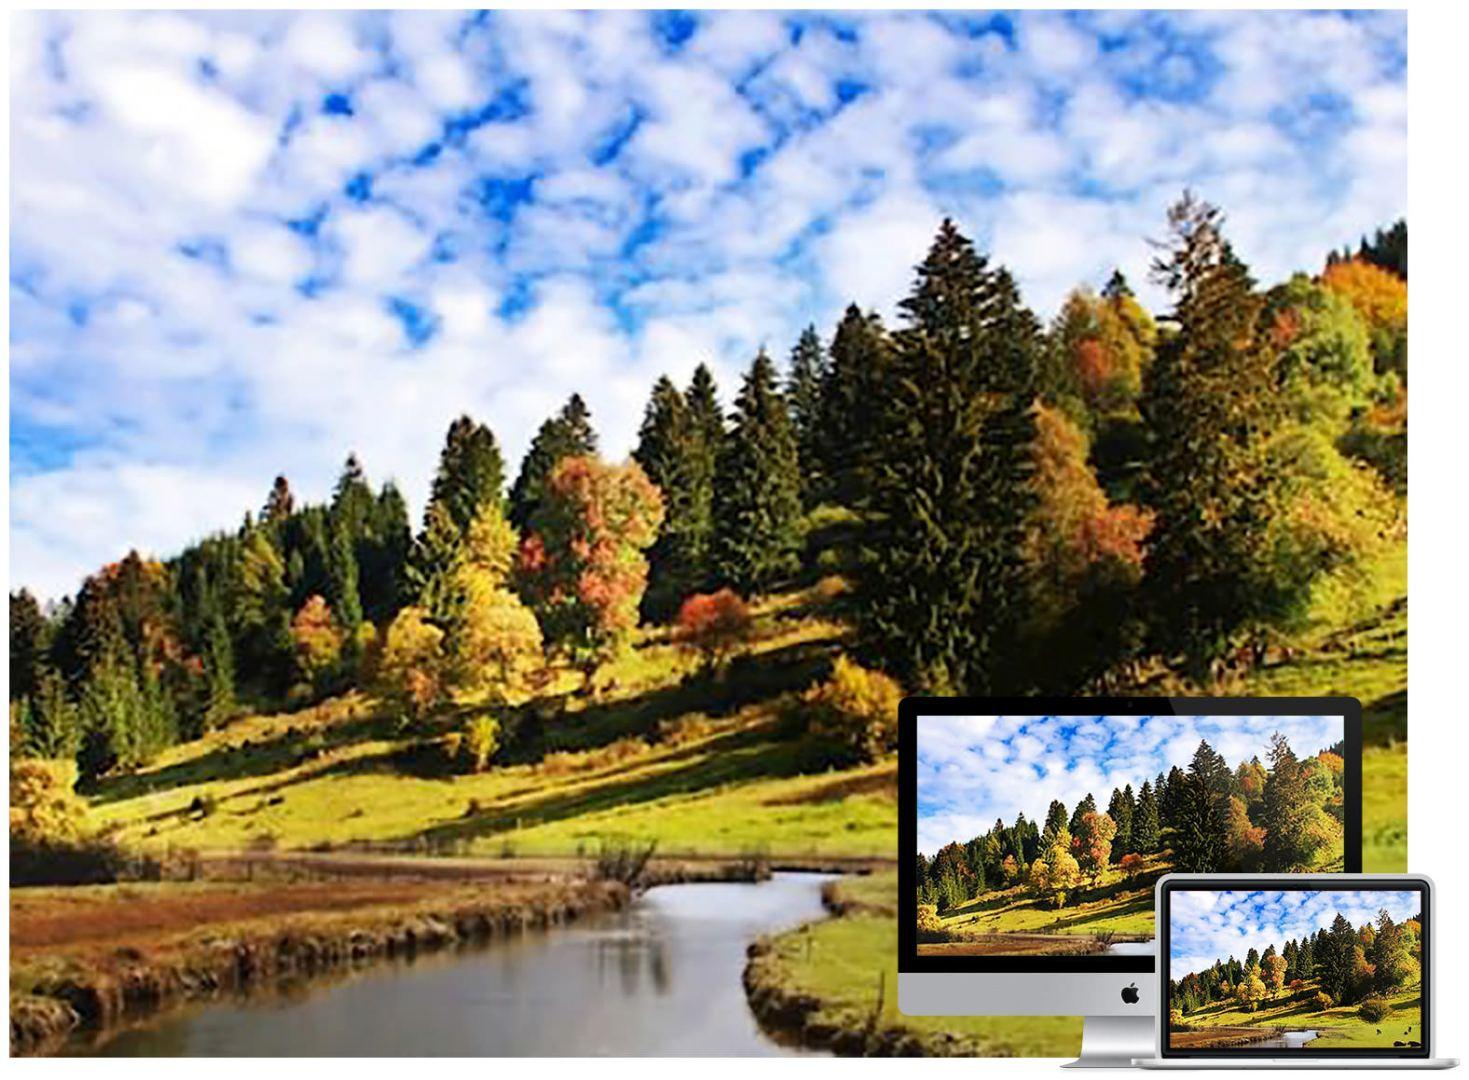 peacefull-nature-wallpaper